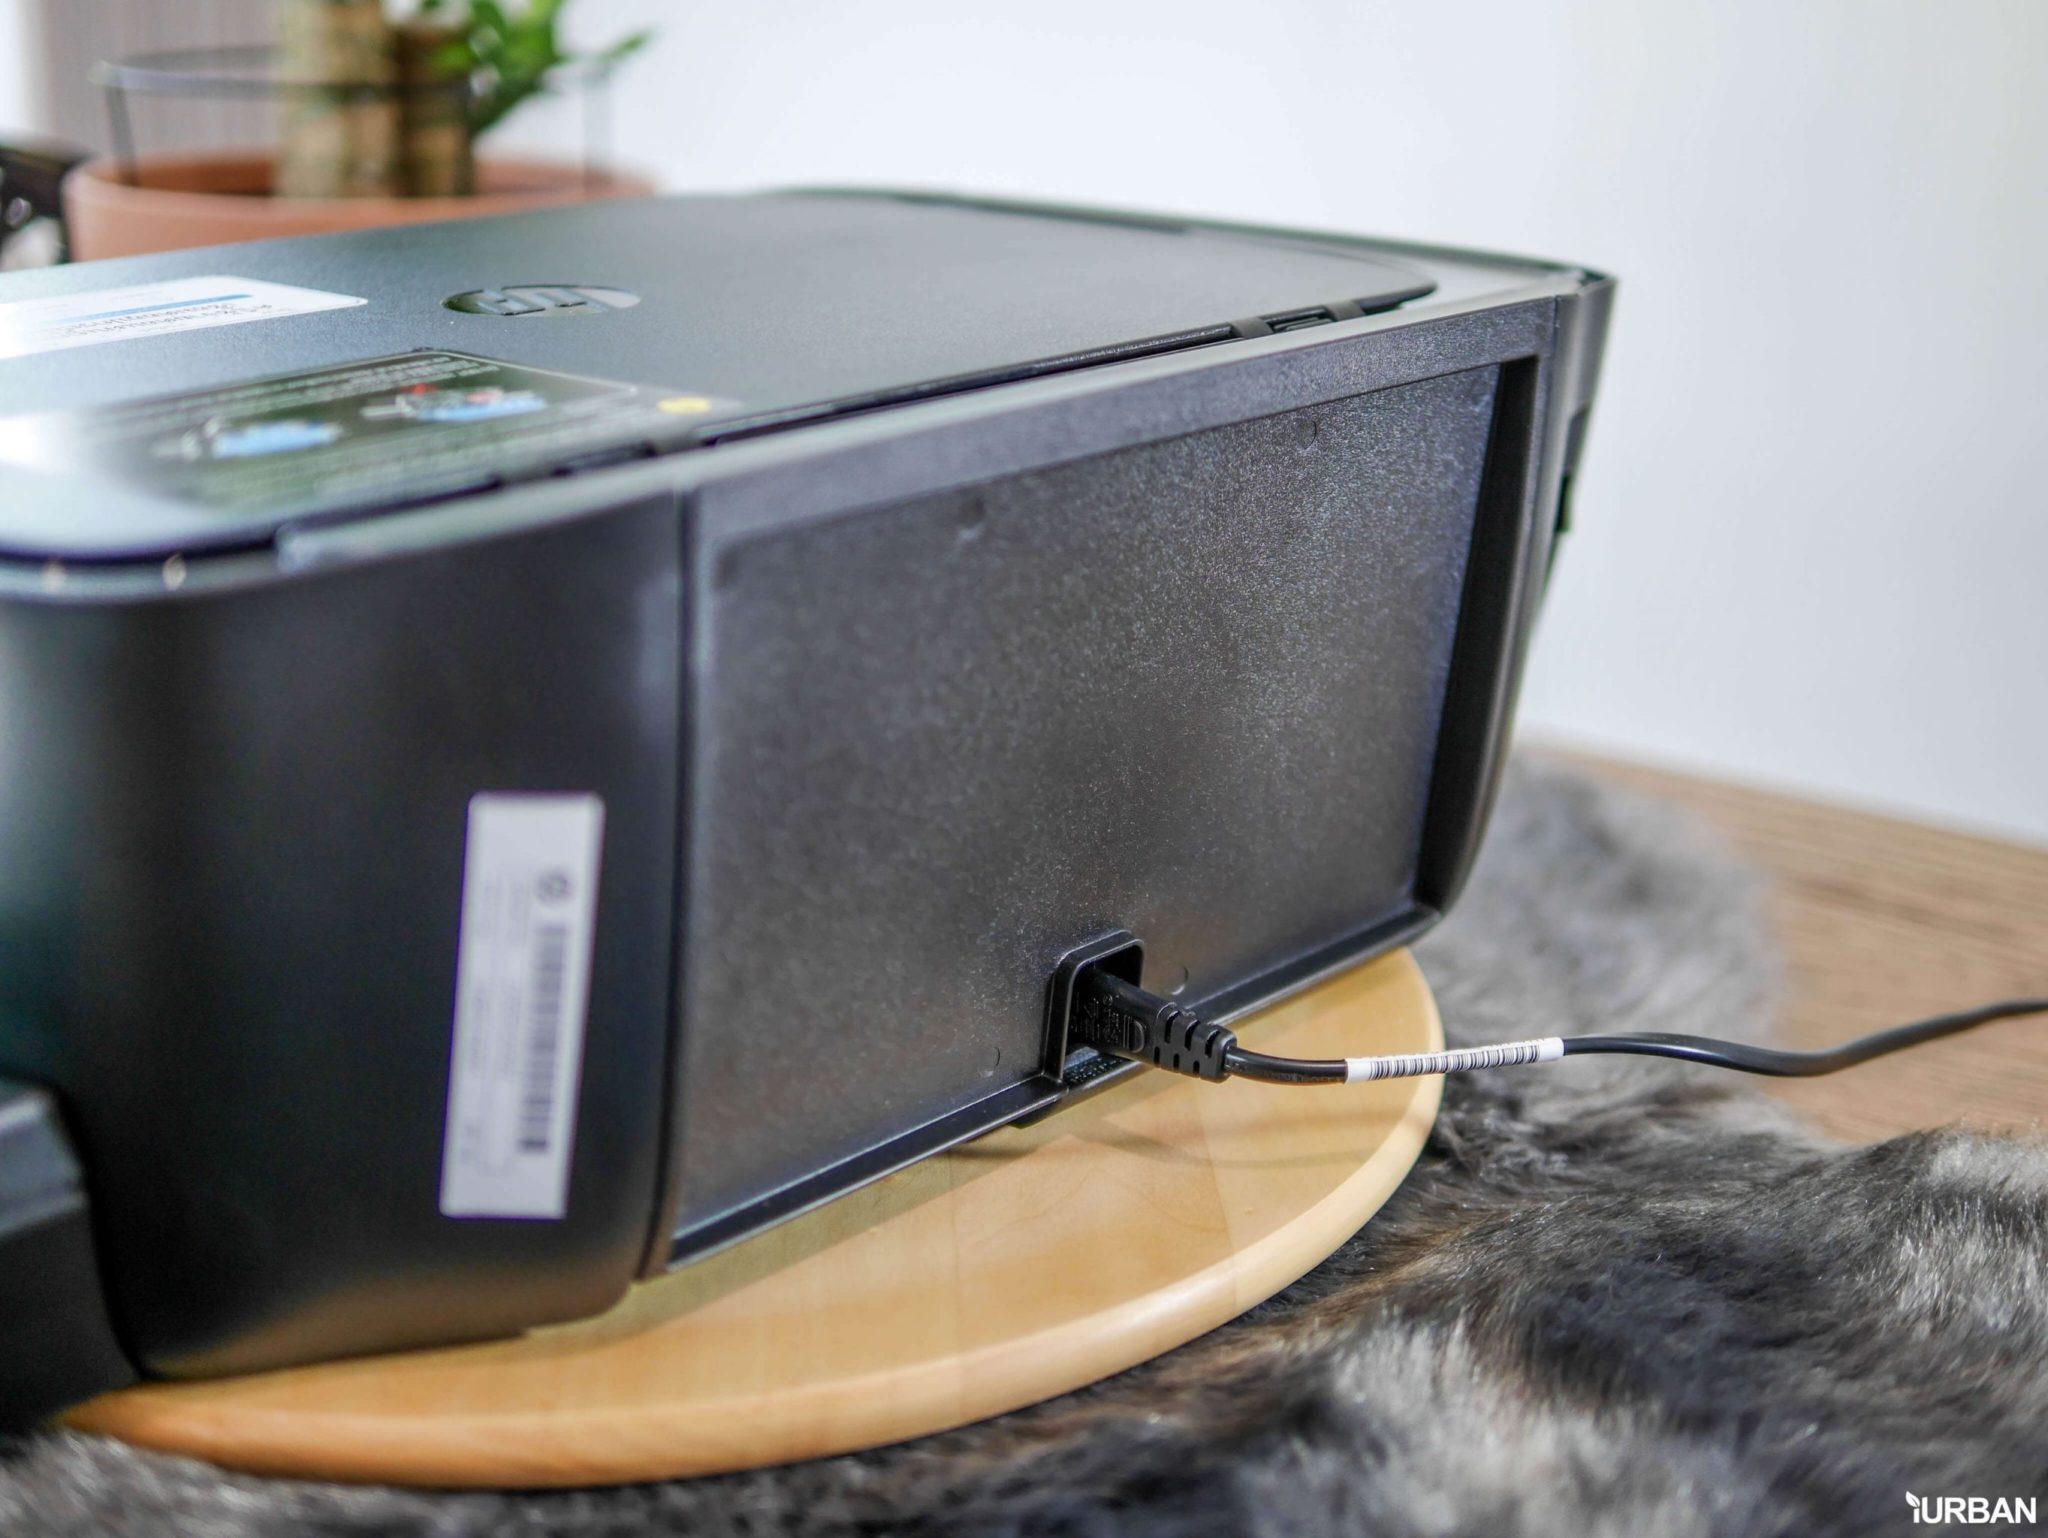 HP Ink Tank Wireless 415 ปริ้นเตอร์แทงค์โรงงาน งบ 5,000 บาท